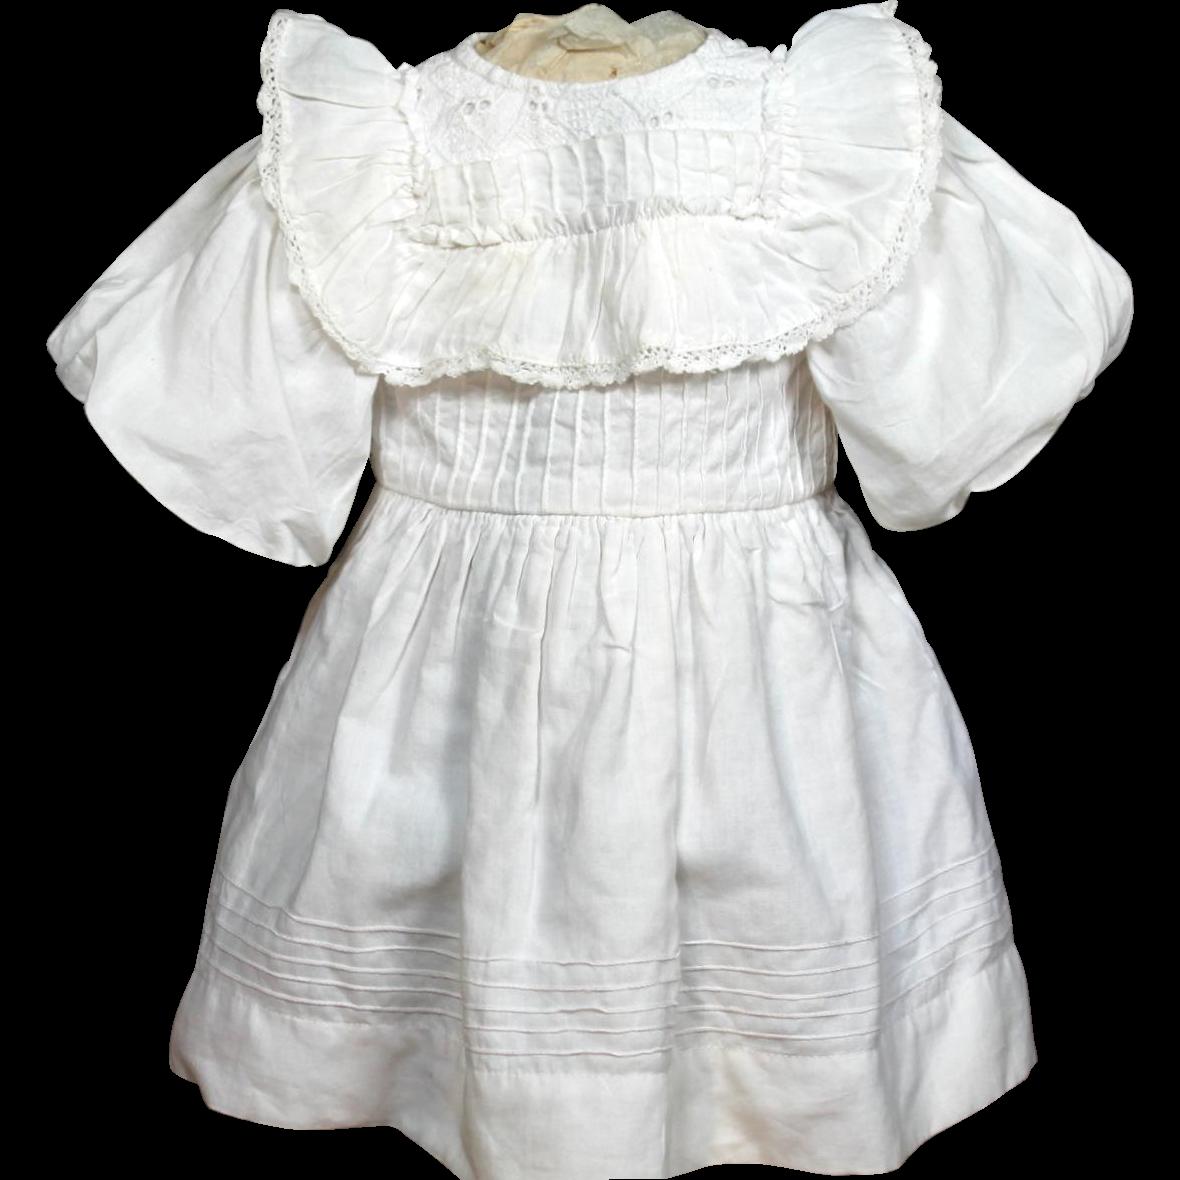 Authentic Antique Factory Cotton/Lace Doll Dress